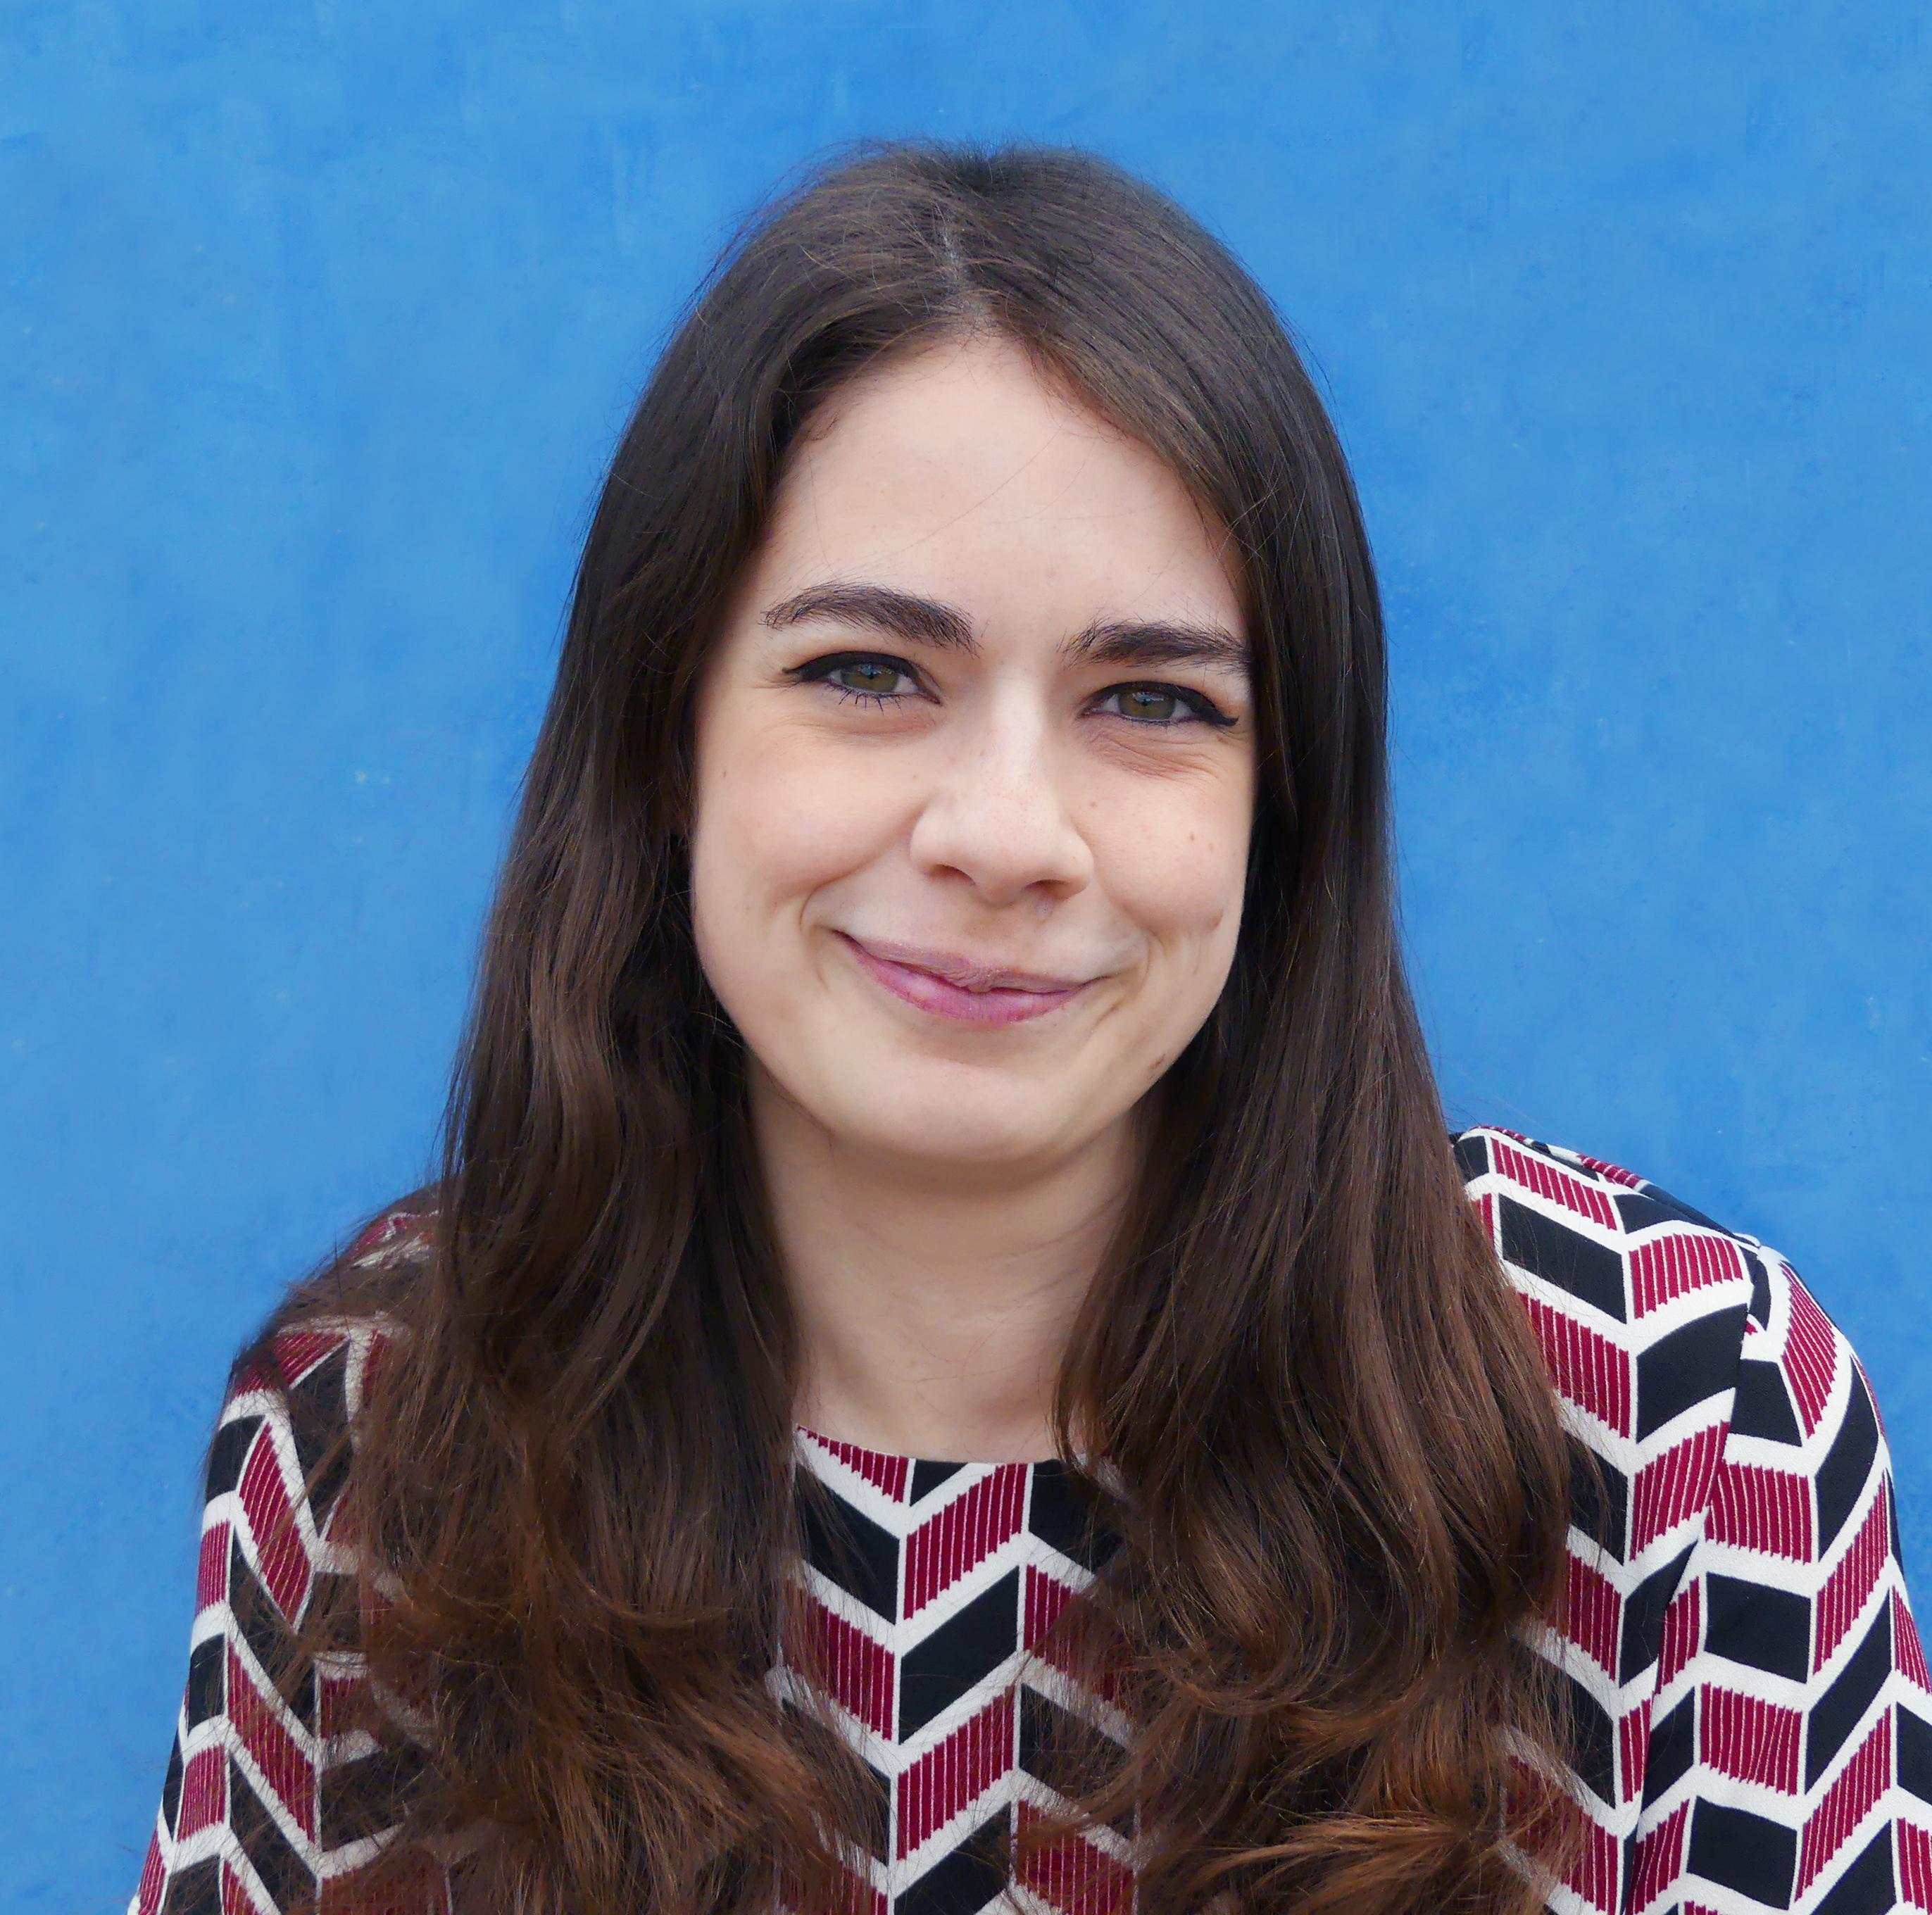 Caitlin Marsh